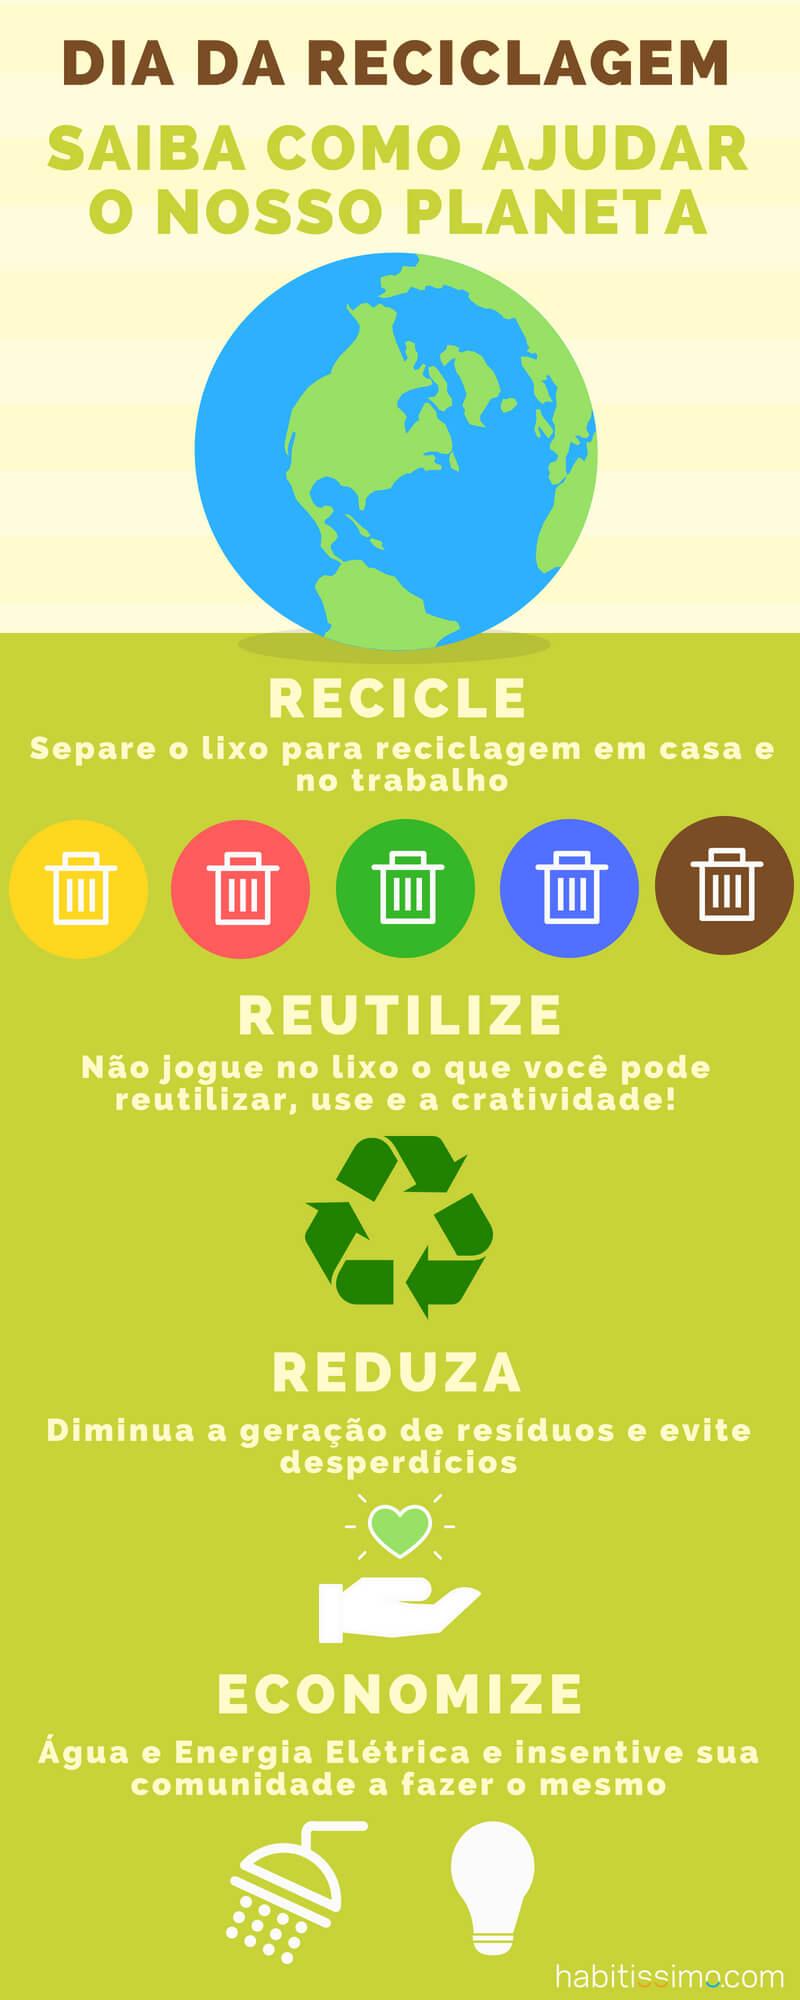 Dia Mundial da Reciclagem - Saiba como ajudar o Planeta